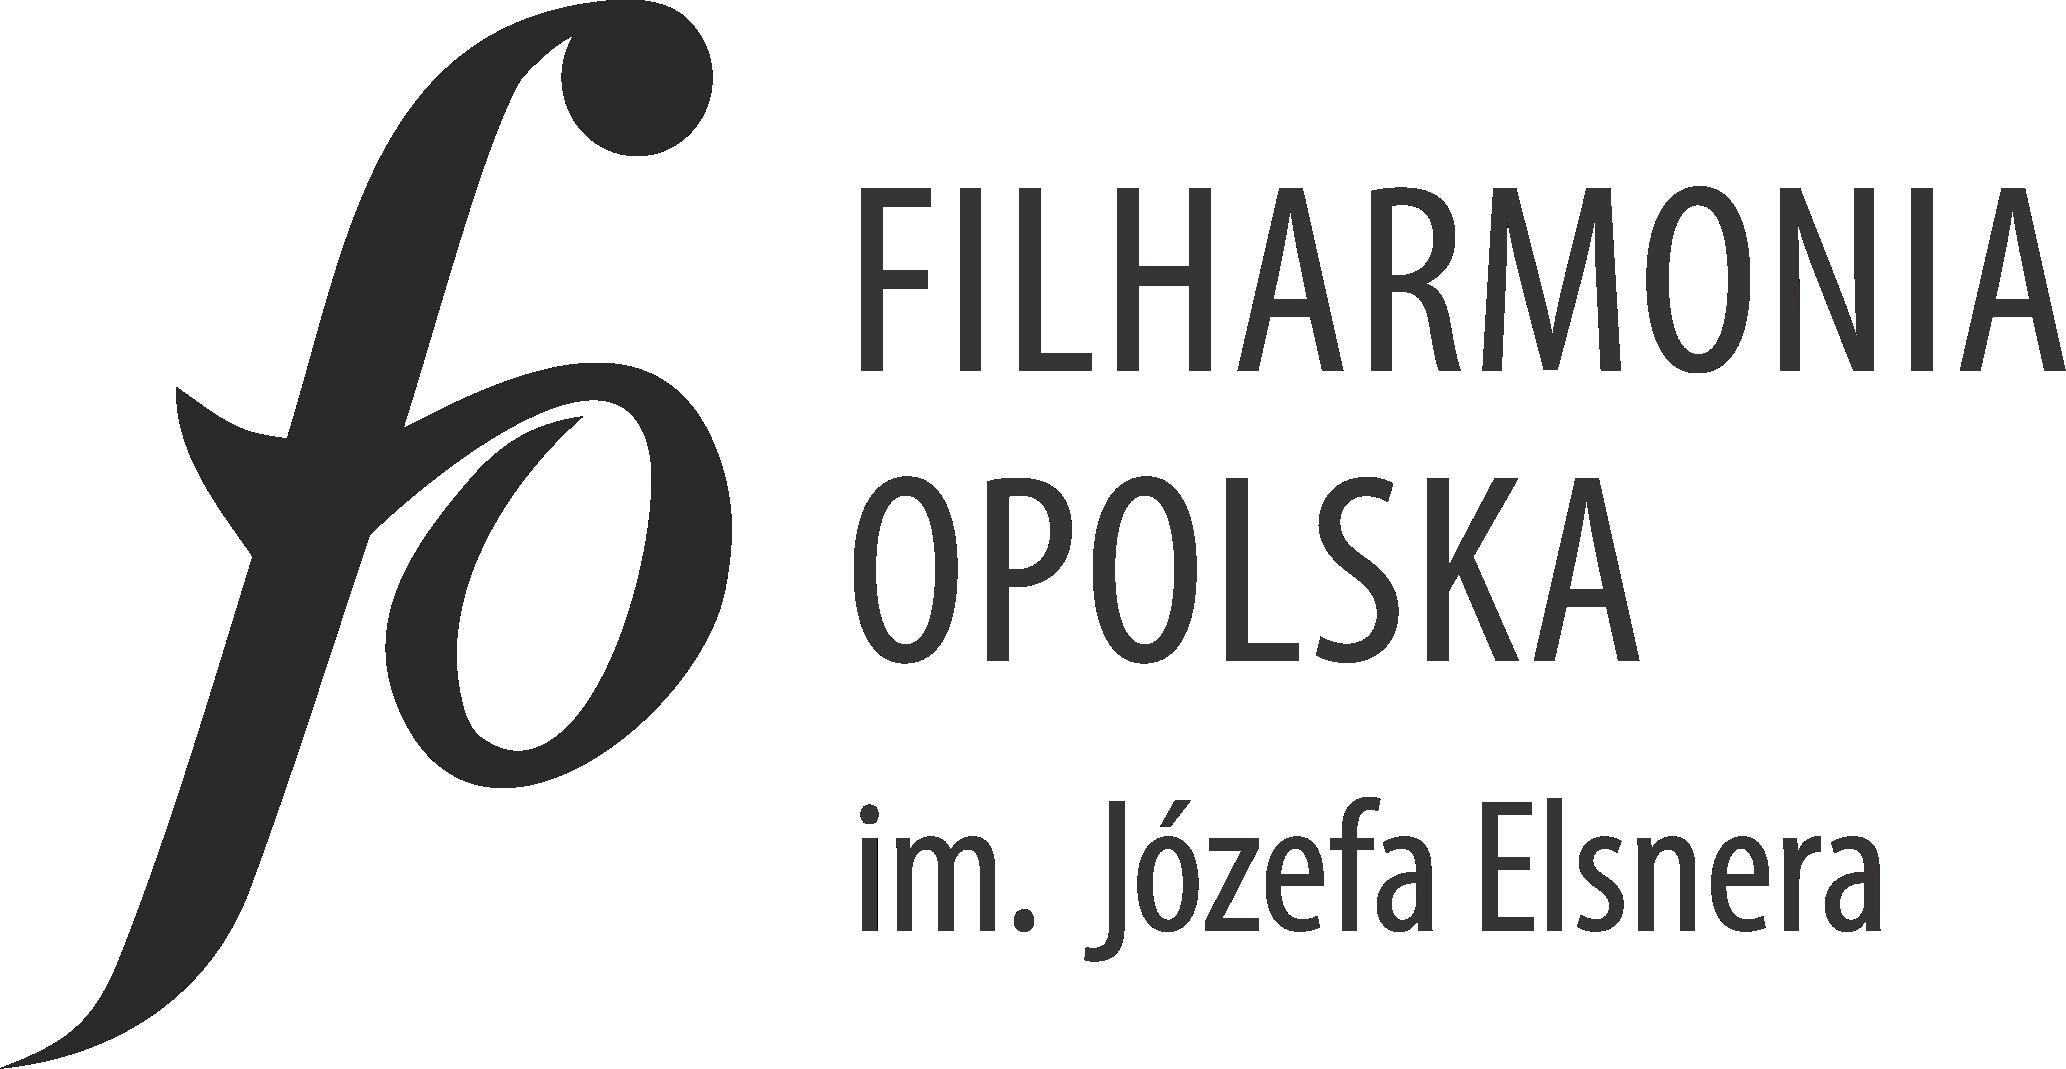 Filharmonia Koncertowa Infolinia   telefon, informacje kontaktowe, e-mail